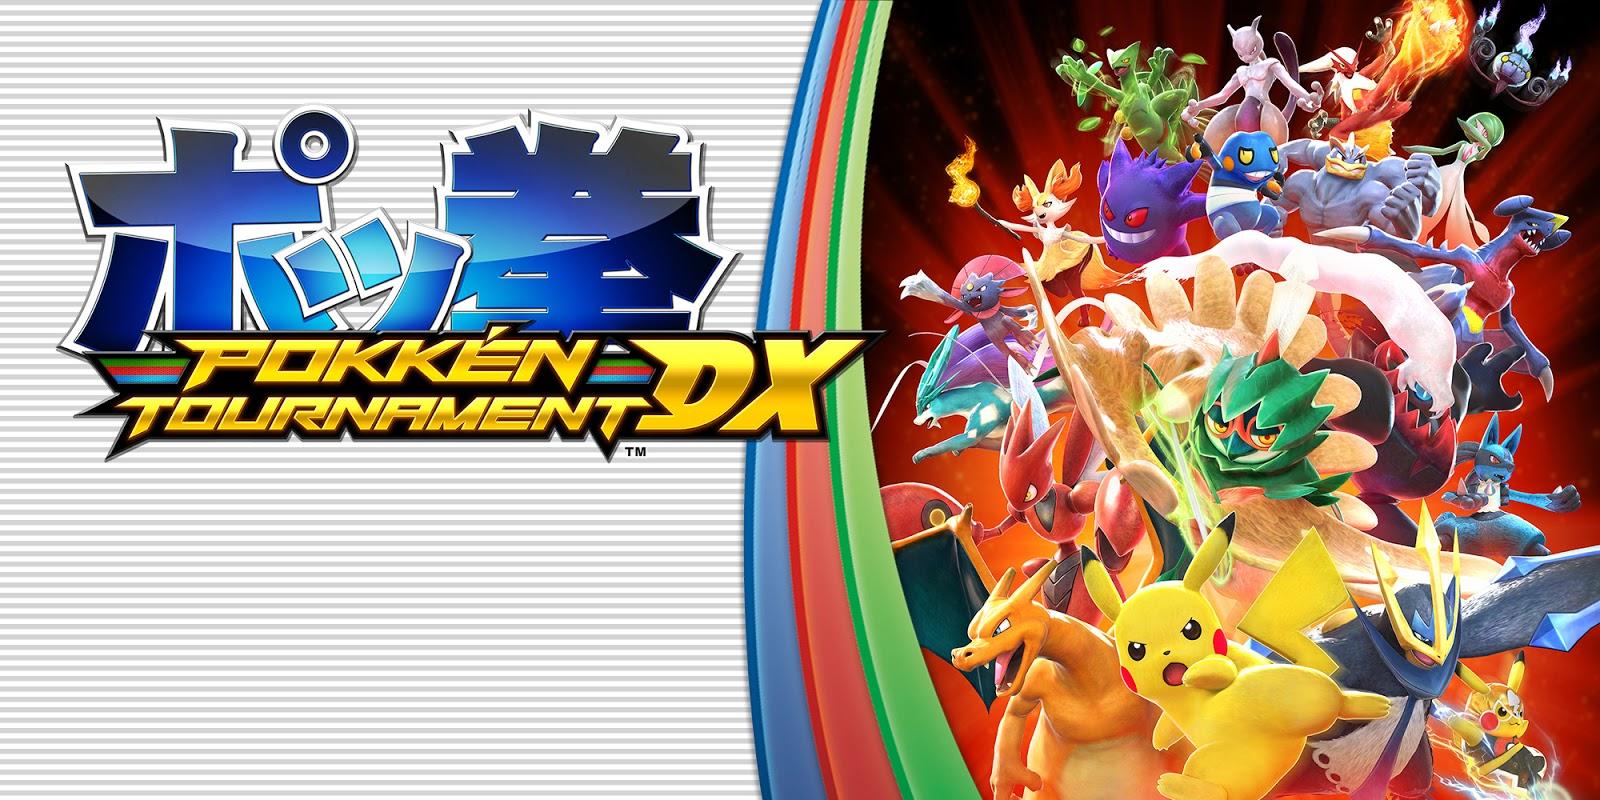 La demo de Pokkén Tournament DX está limitada a 15 usos... pero tiene solución